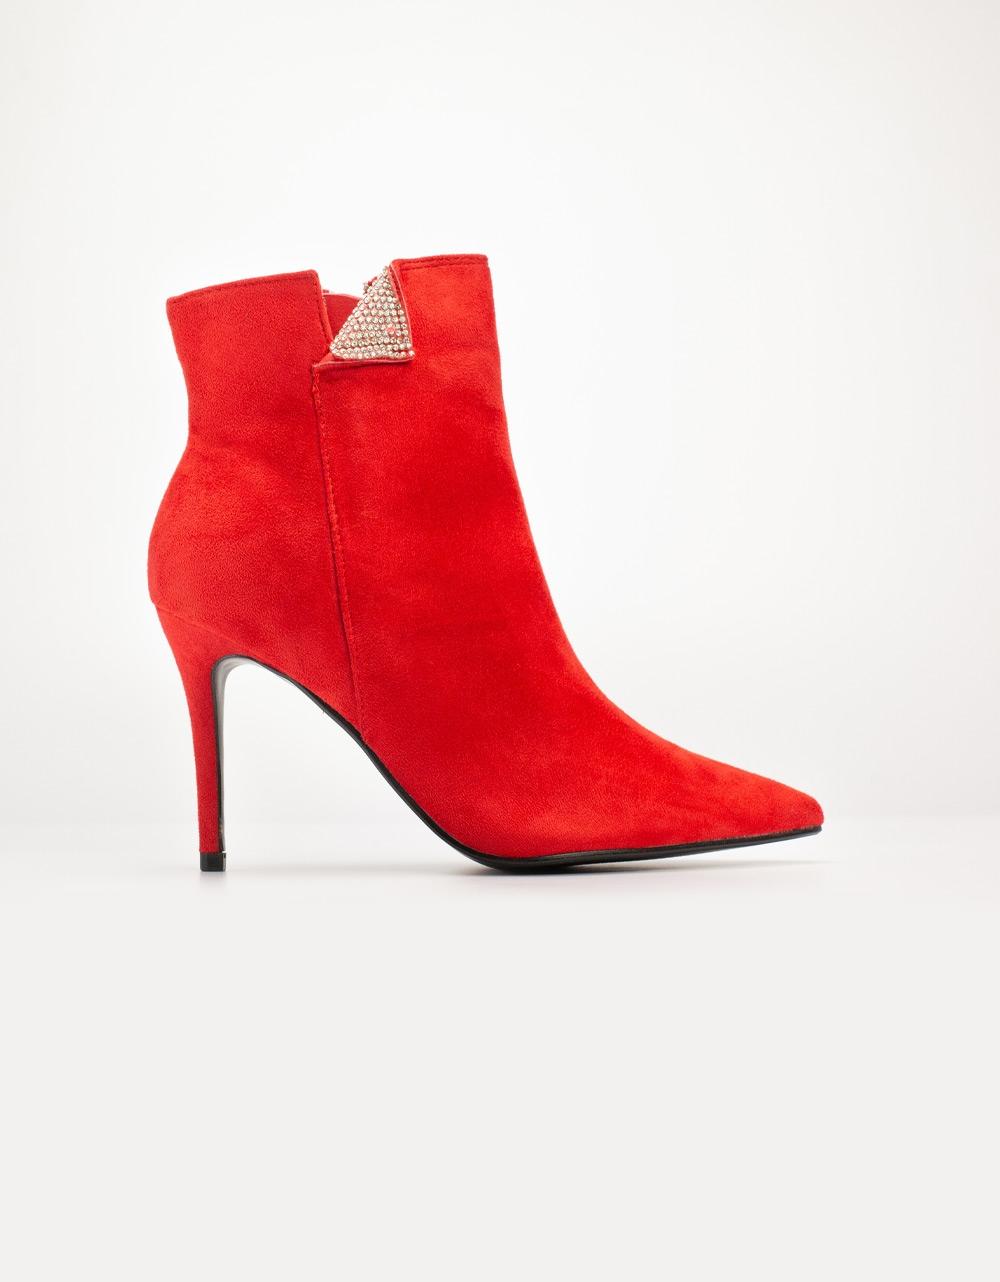 Εικόνα από Γυναικεία μποτάκια με διακοσμητικα strass Κόκκινο